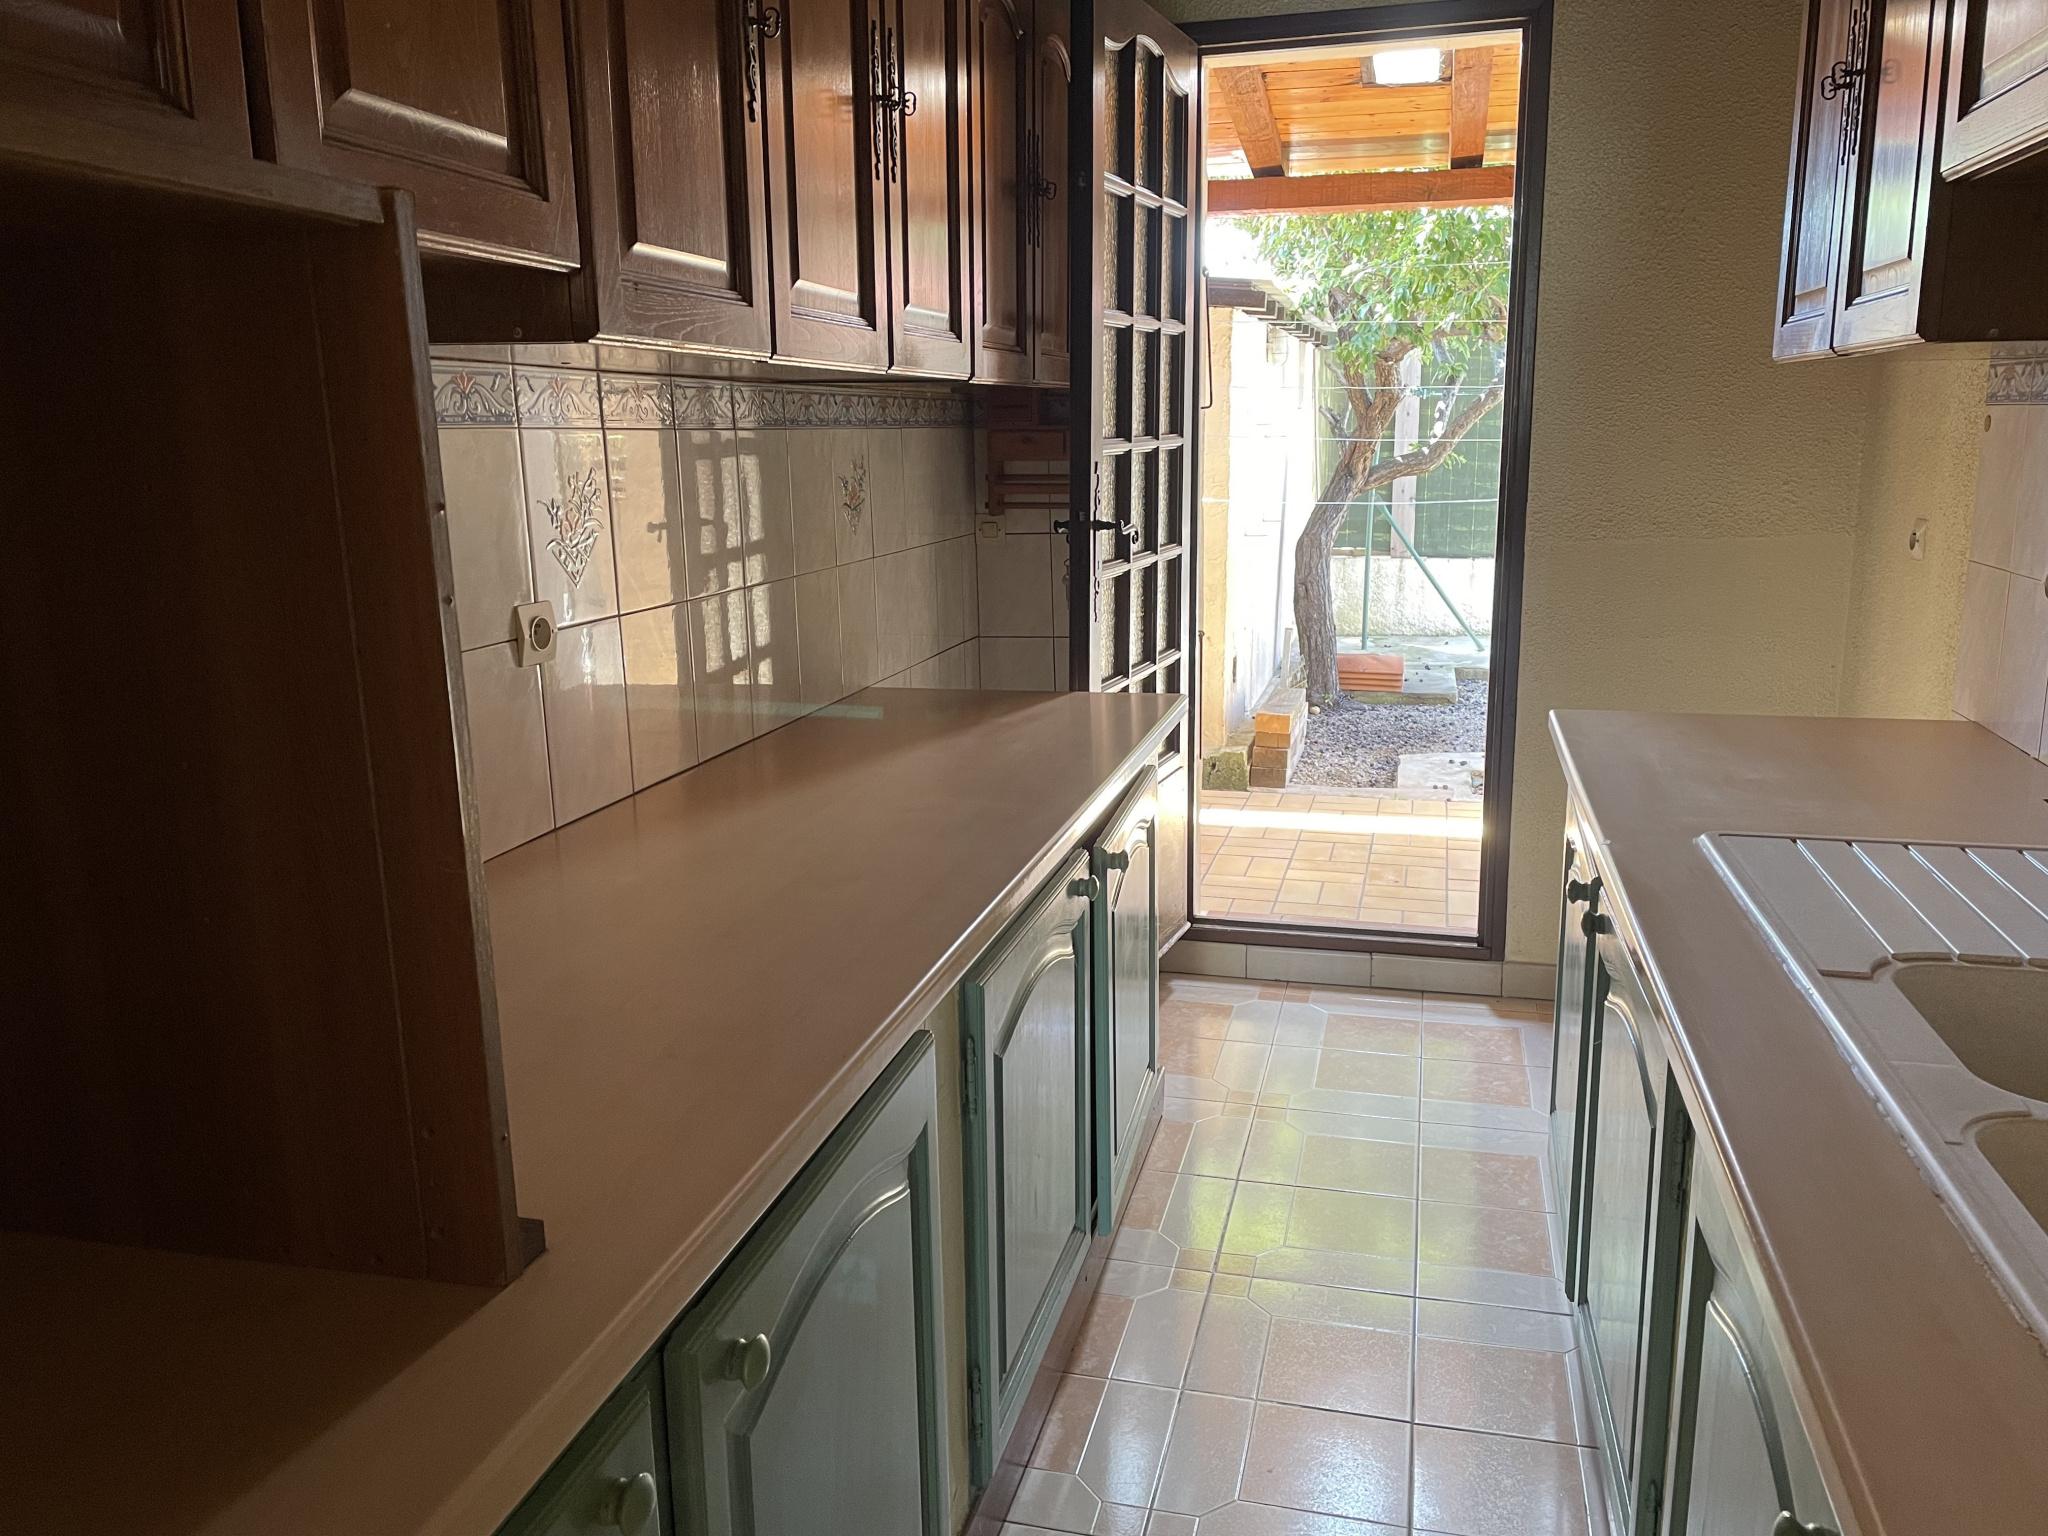 À vendre maison/villa de 100m2 à st genis des fontaines (66740) - Photo 15'